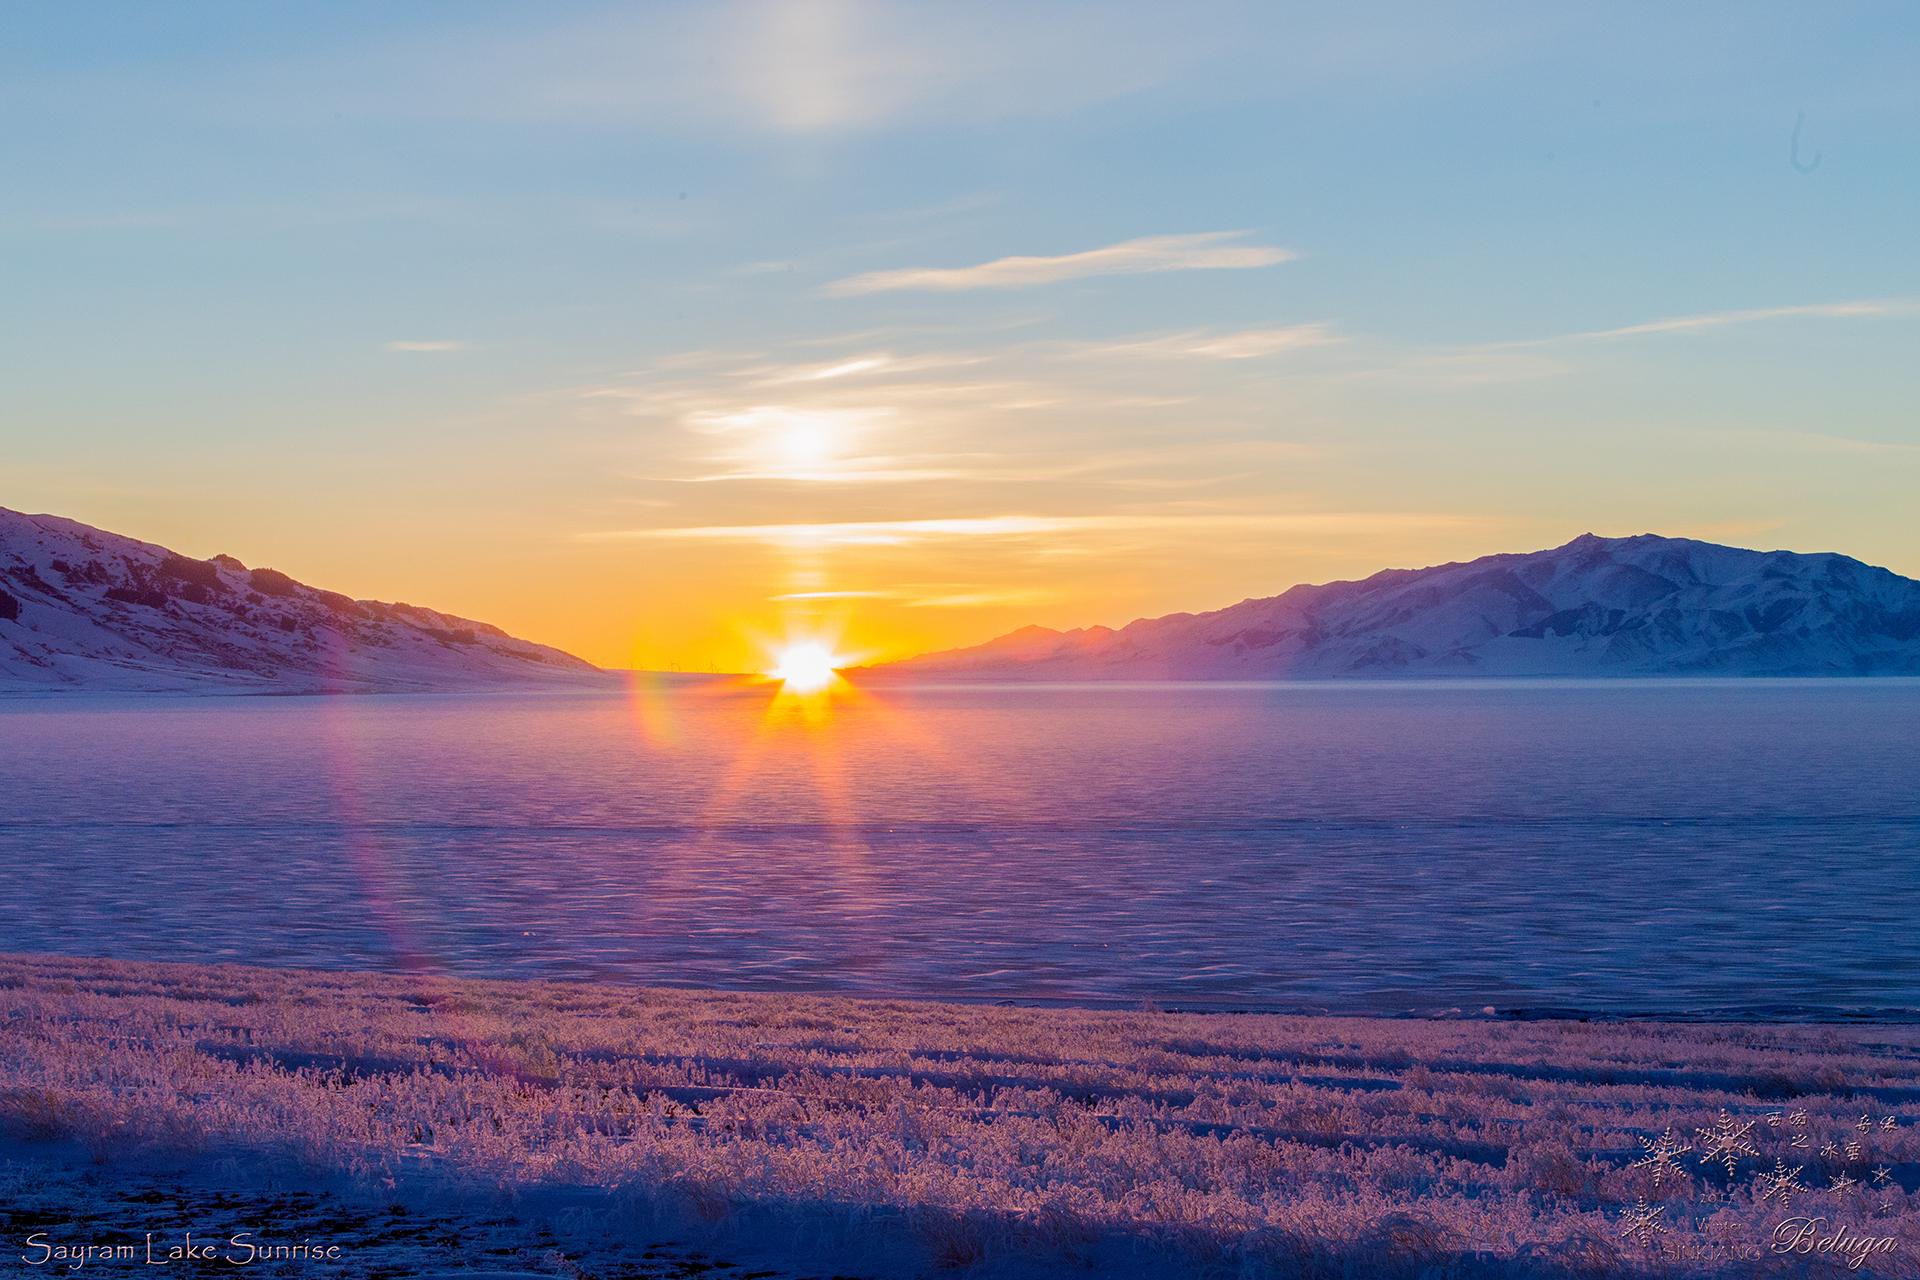 5.Sayram Lake Sunrise_1920.jpg